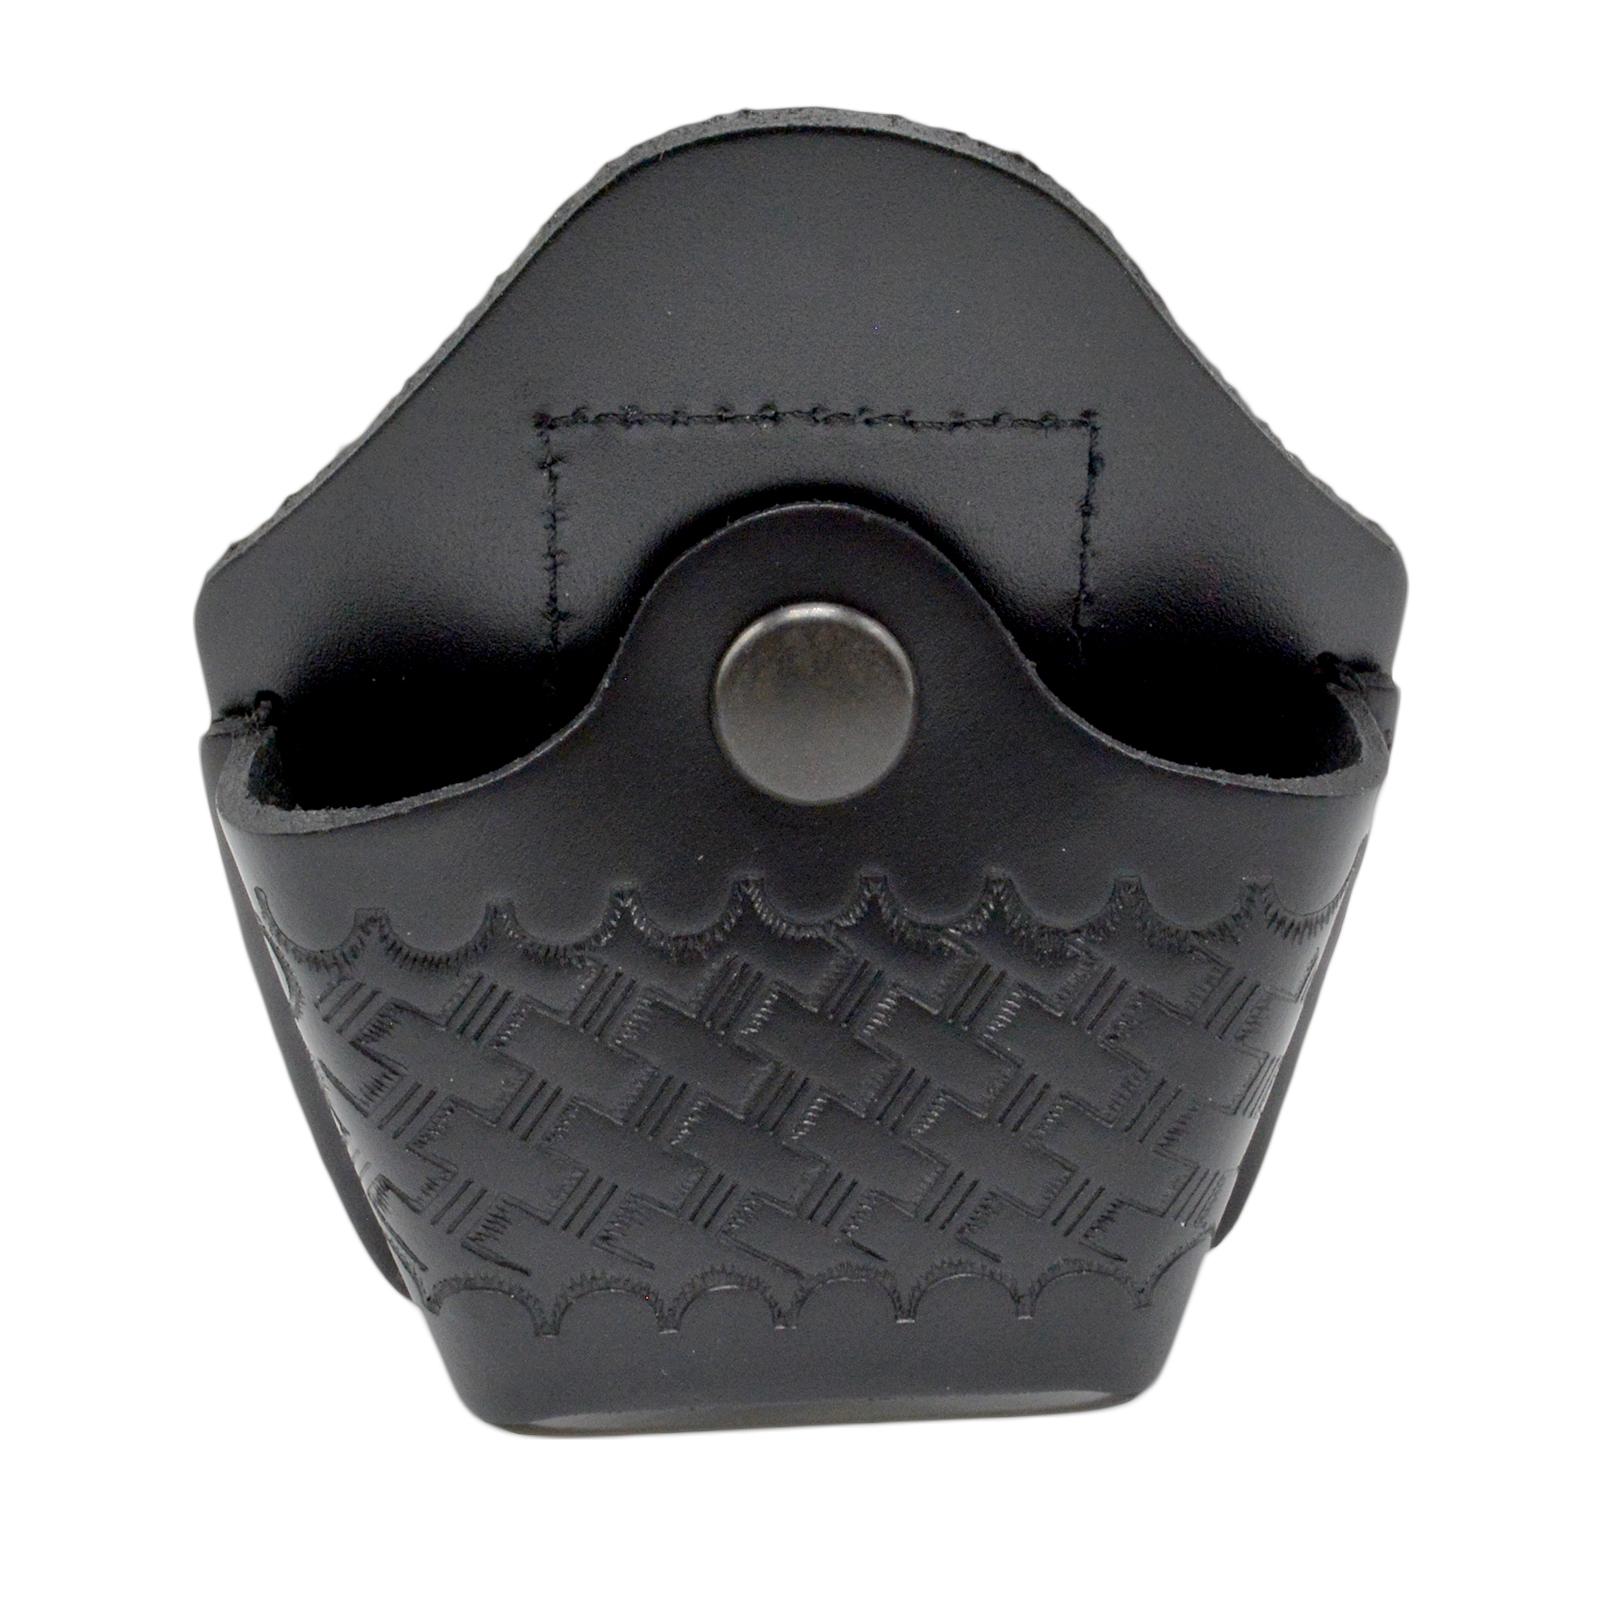 7999-open-top-basketweave-handcuff-case-empty.jpg